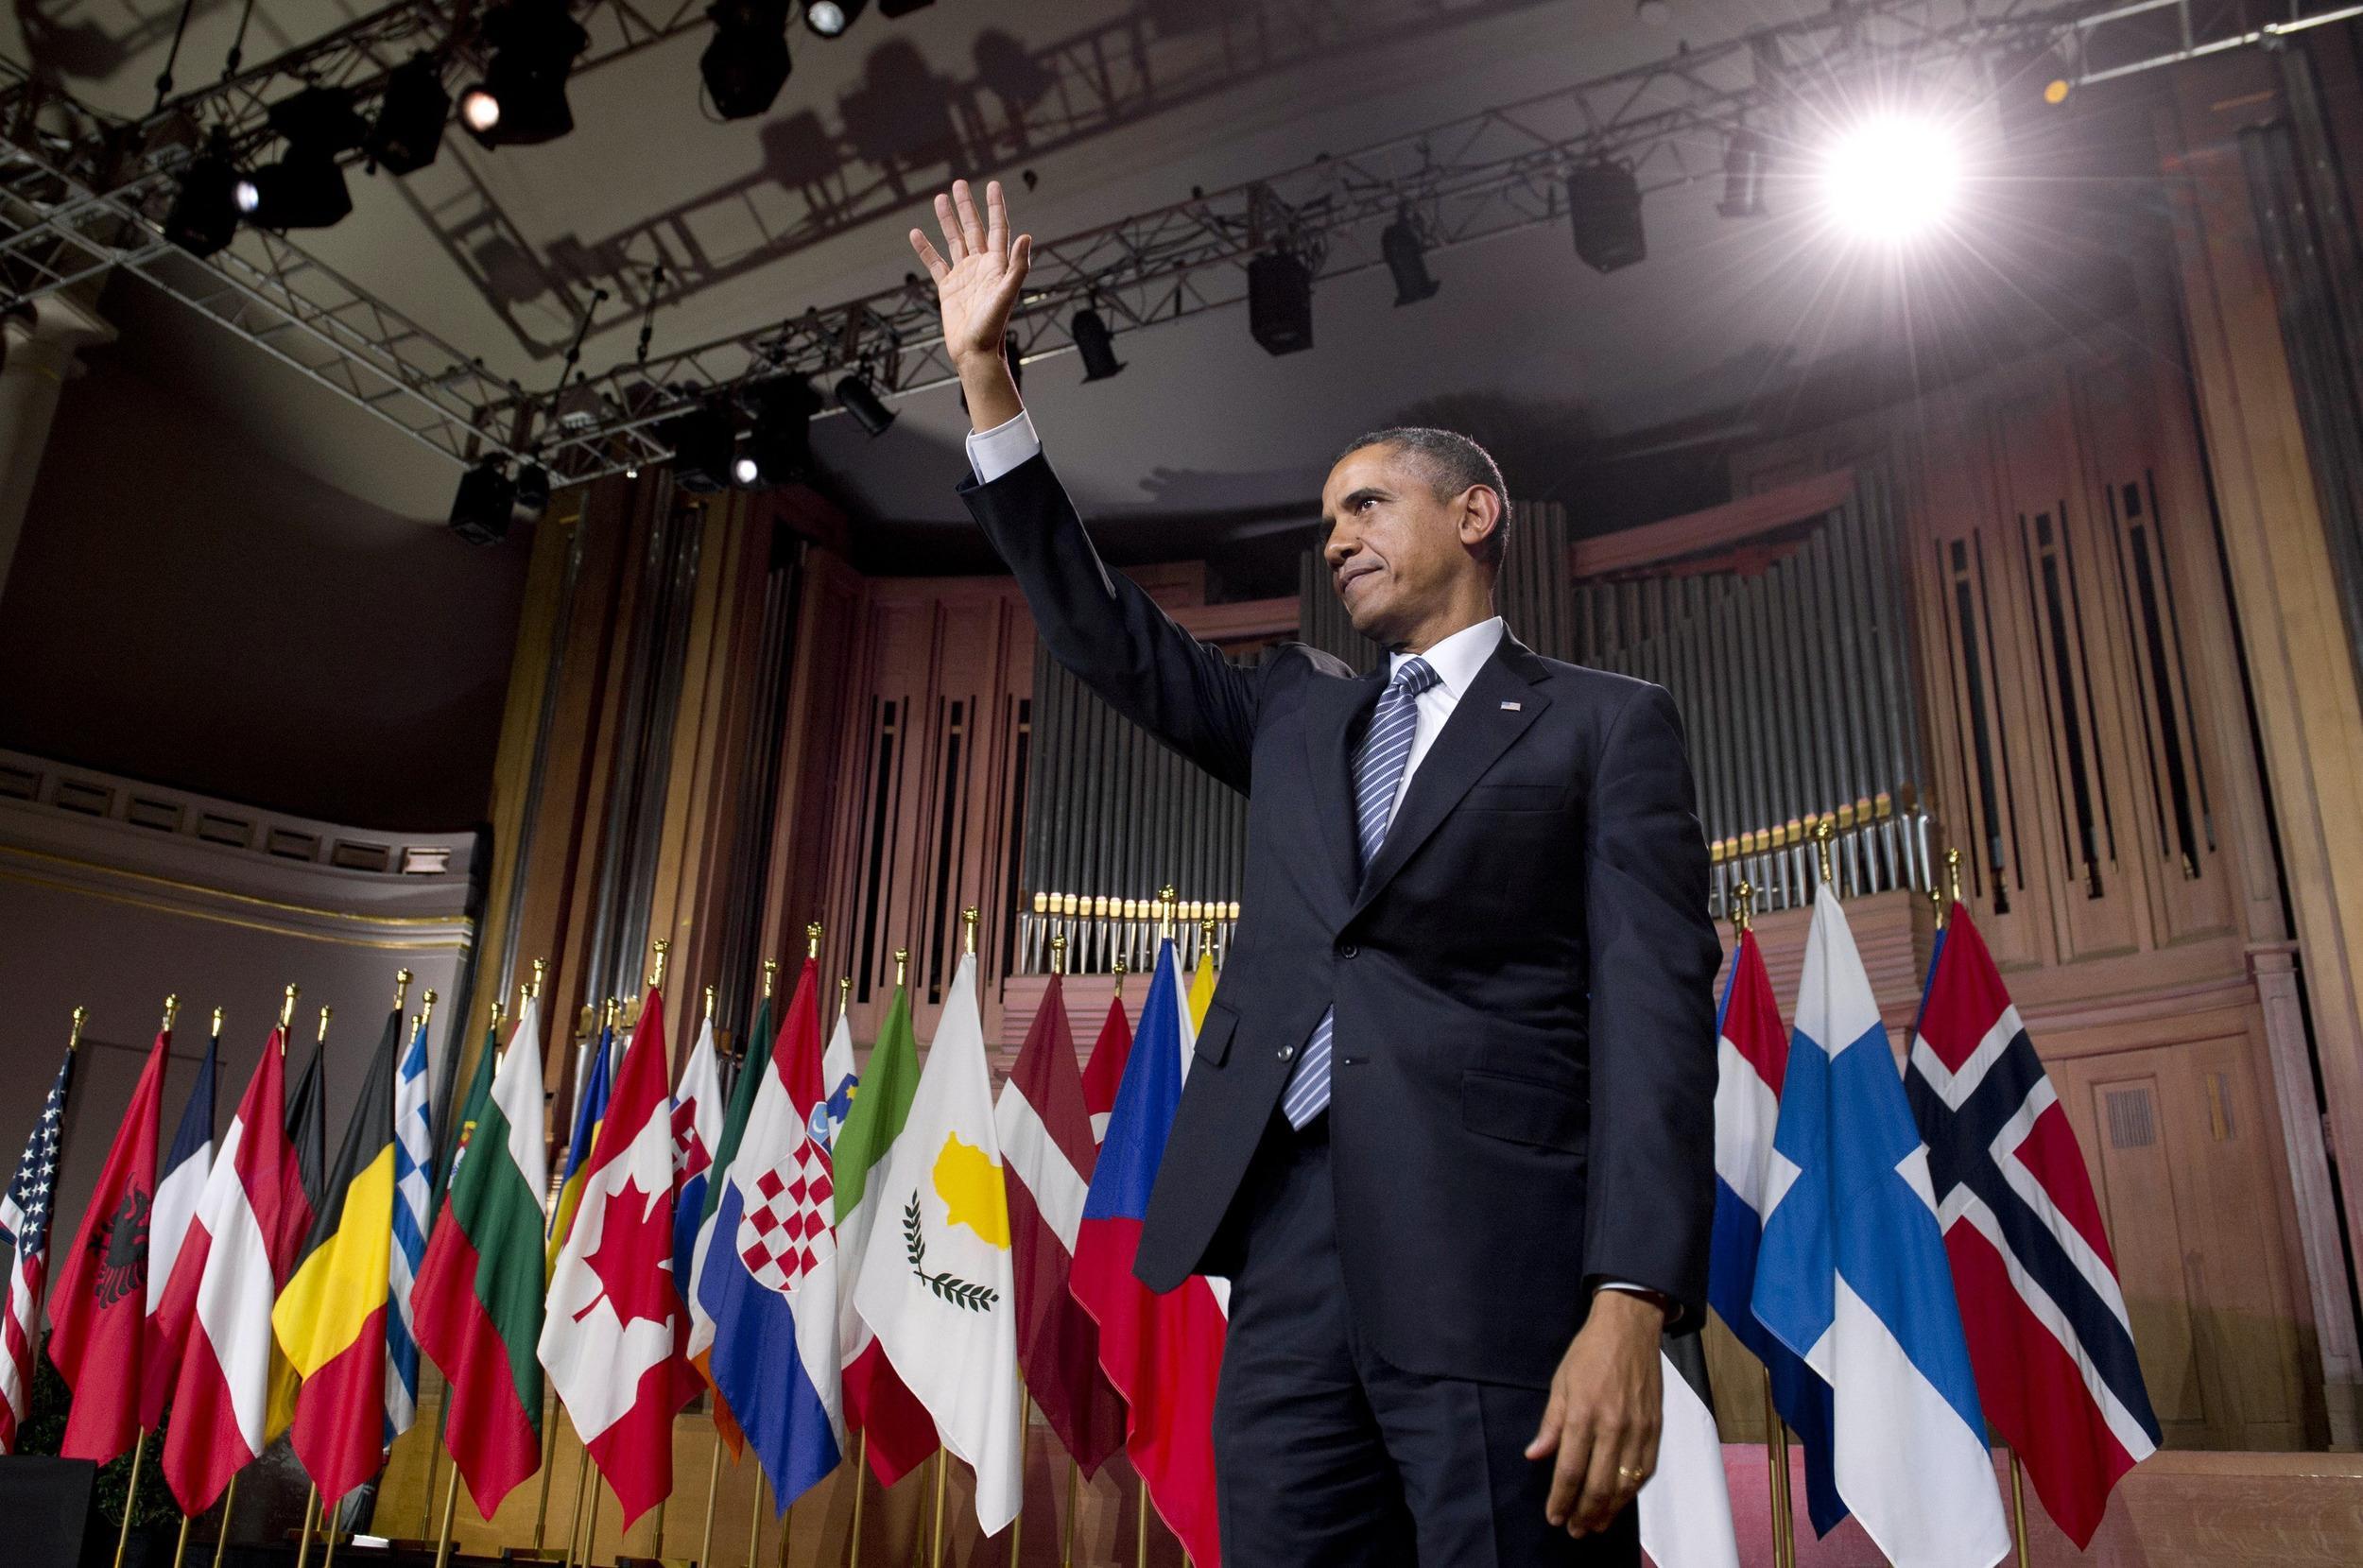 Image: BELGIUM-US-NATO-DIPLOMACY